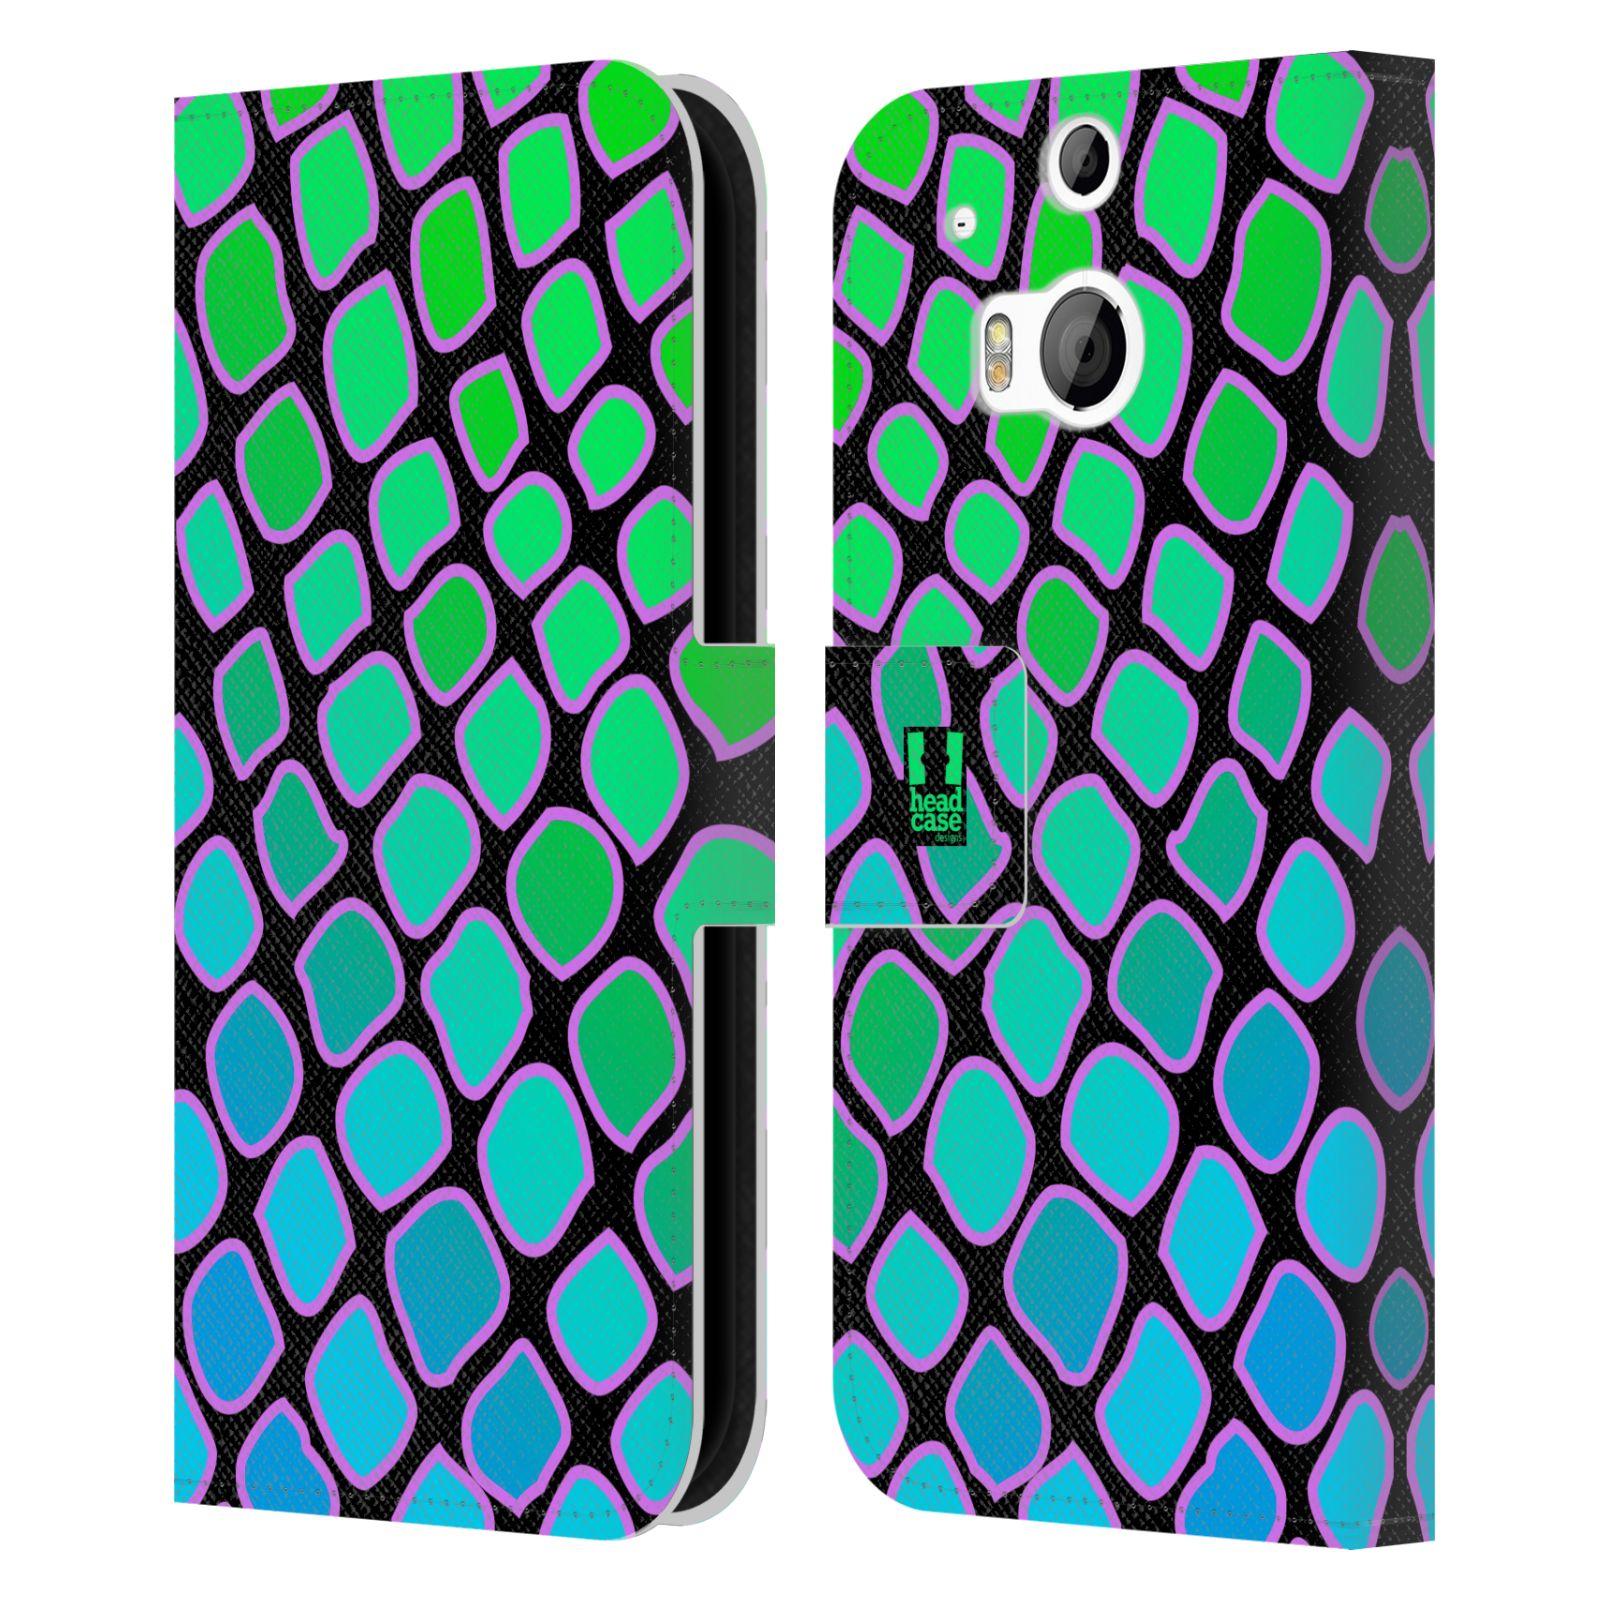 HEAD CASE Flipové pouzdro pro mobil HTC ONE (M8, M8s) Zvířecí barevné vzory vodní had modrá a zelená barva AQUA